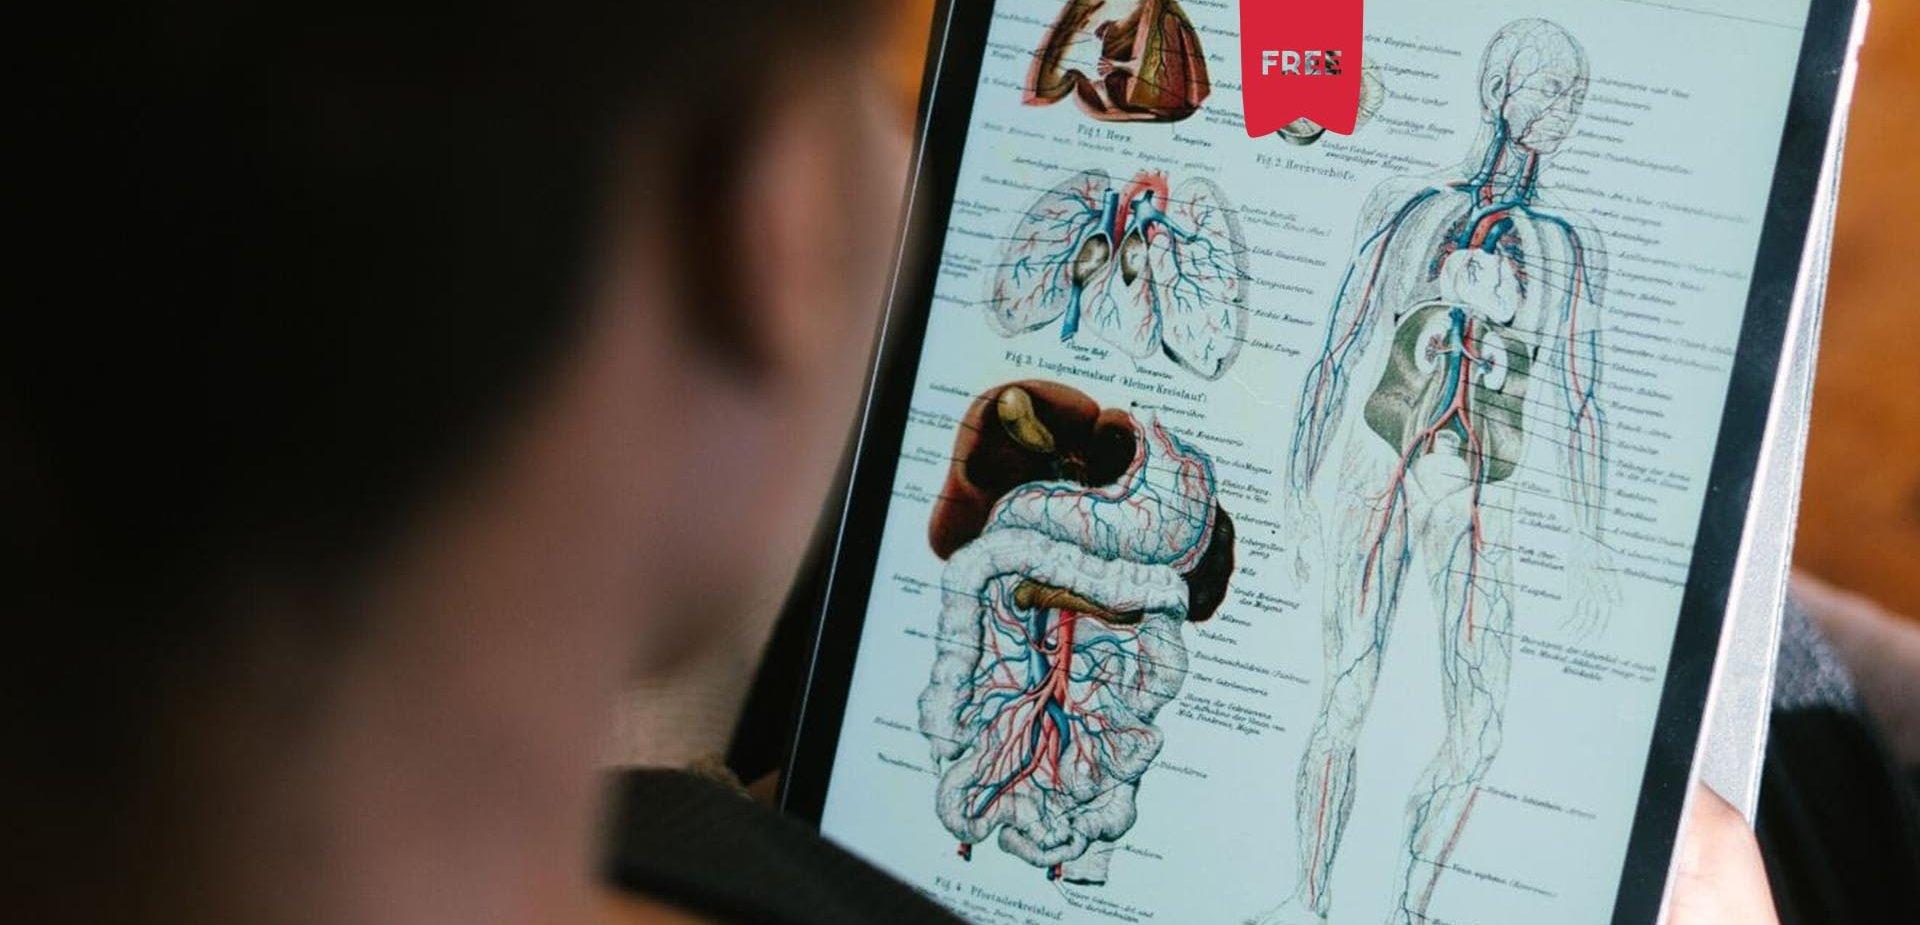 Indução Miofascial: Anatomia, Fisiologia e Implicações na Prática Clínica